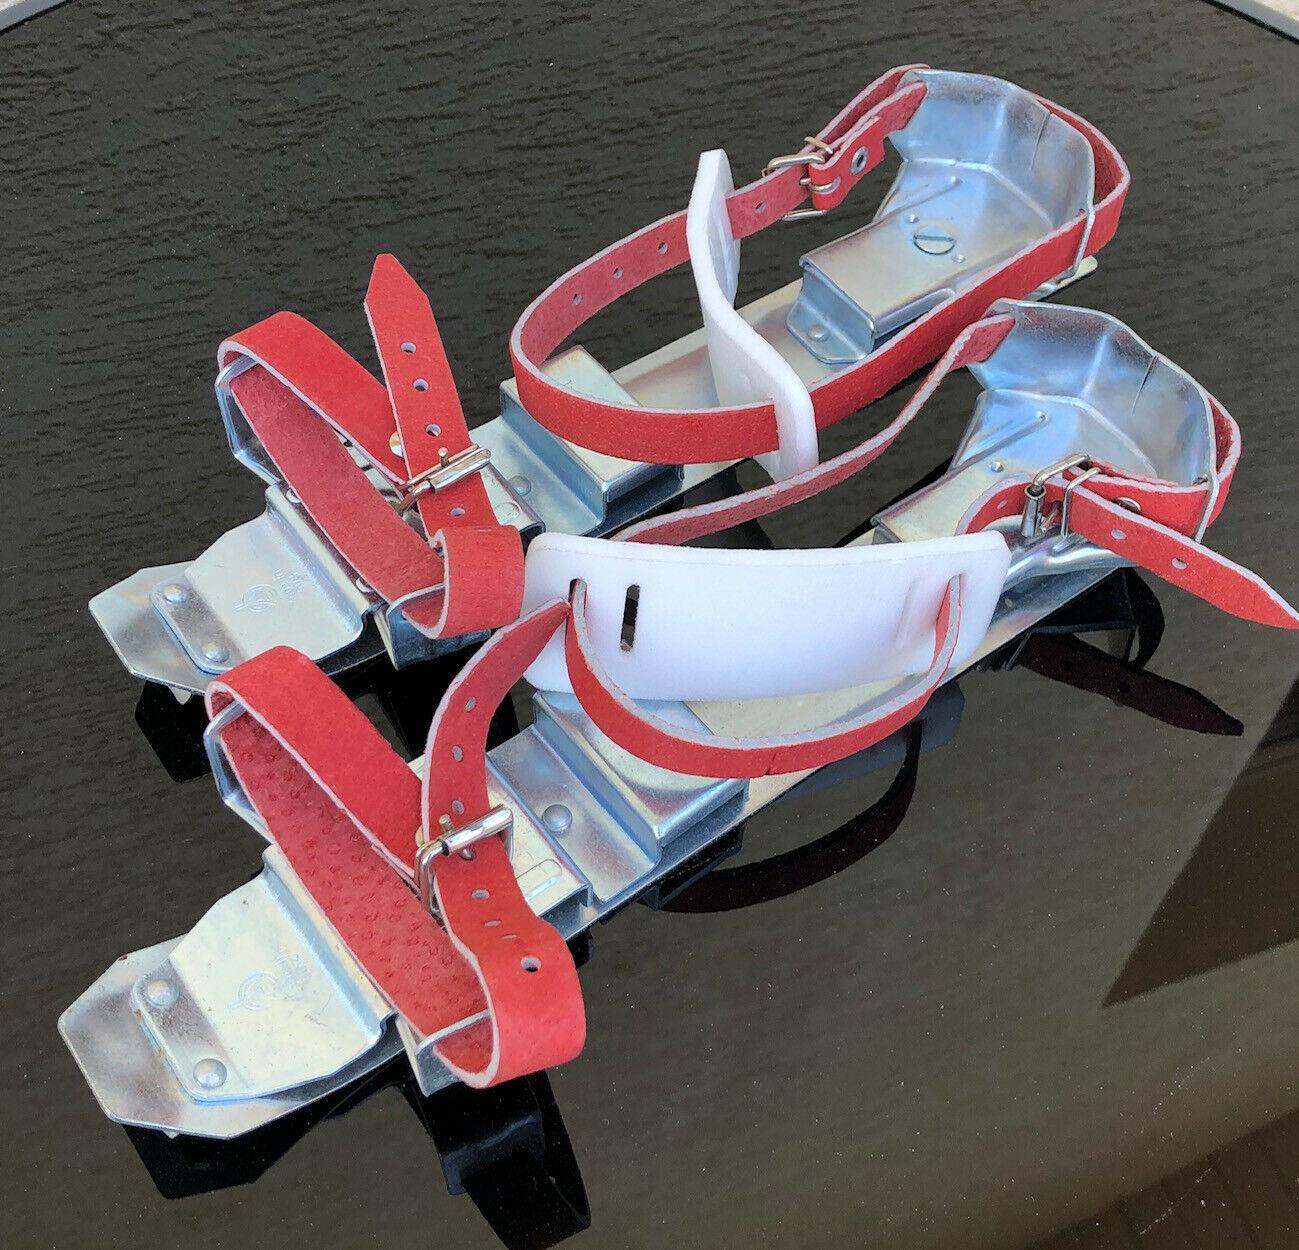 rot-silberne größenverstellbare, gebrauchte Gleitschuhe für Erwachsene (24-29cm)